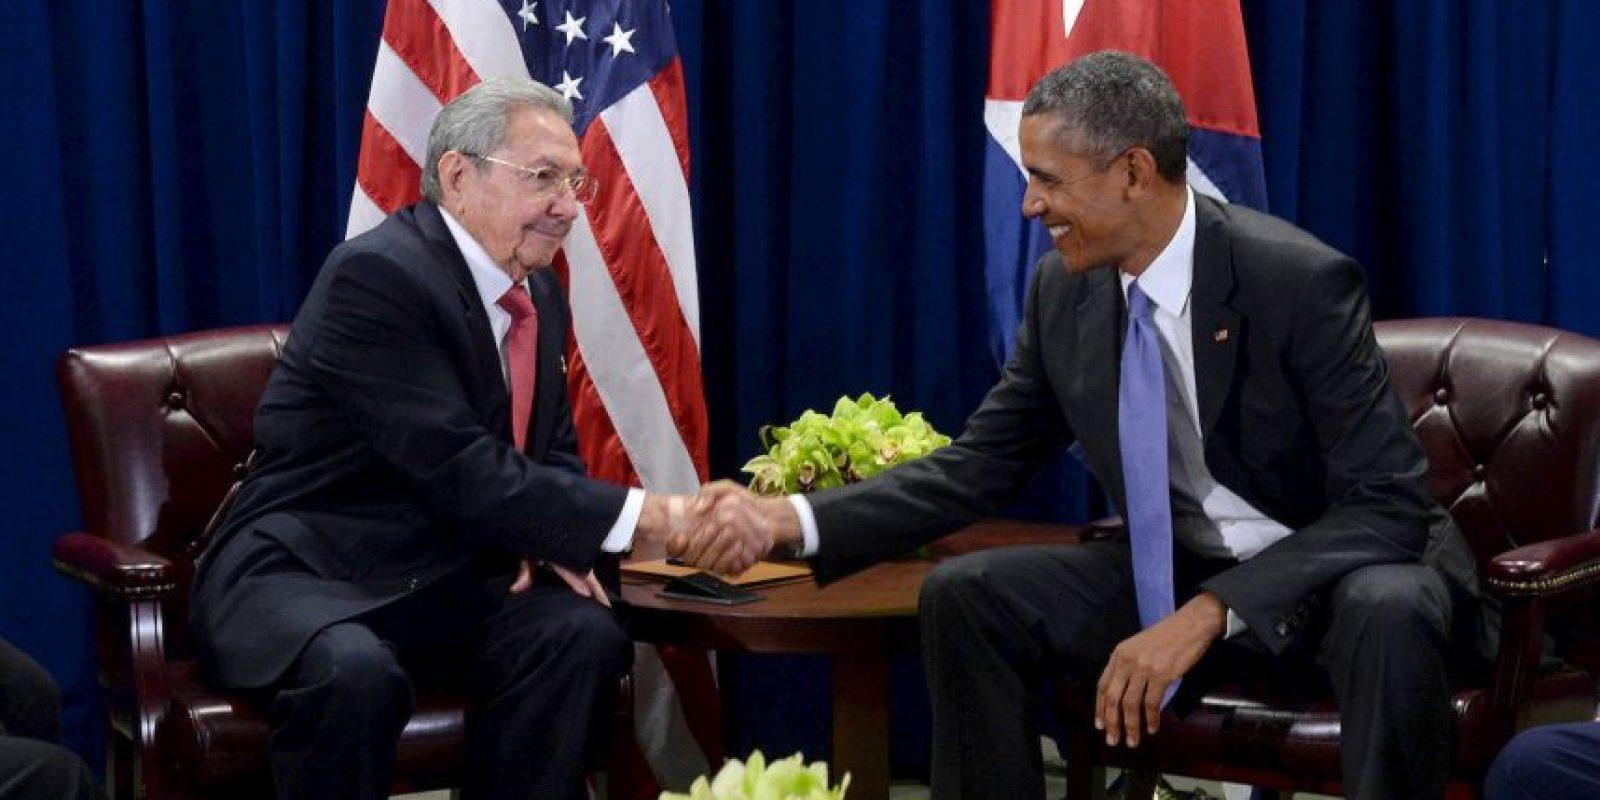 Ambos gestionan el restablecimiento total de las relaciones diplomáticas de ambos países. Foto:Getty Images